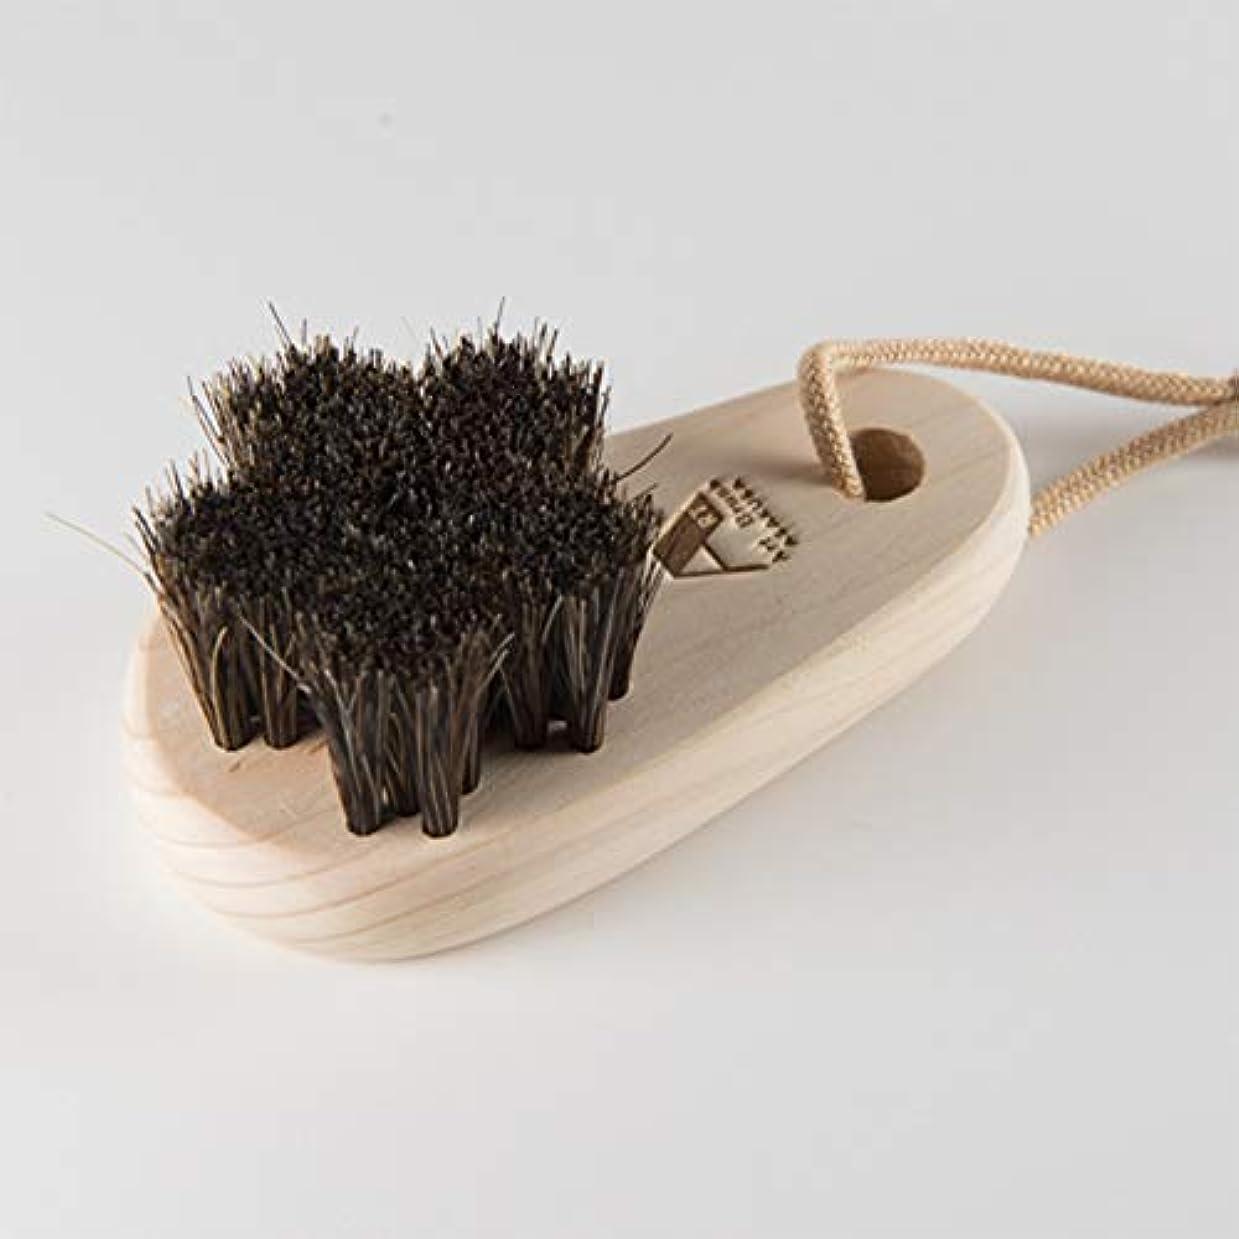 膨らみゴネリル予感浅草アートブラシ 馬毛のフットブラシ「さくら」